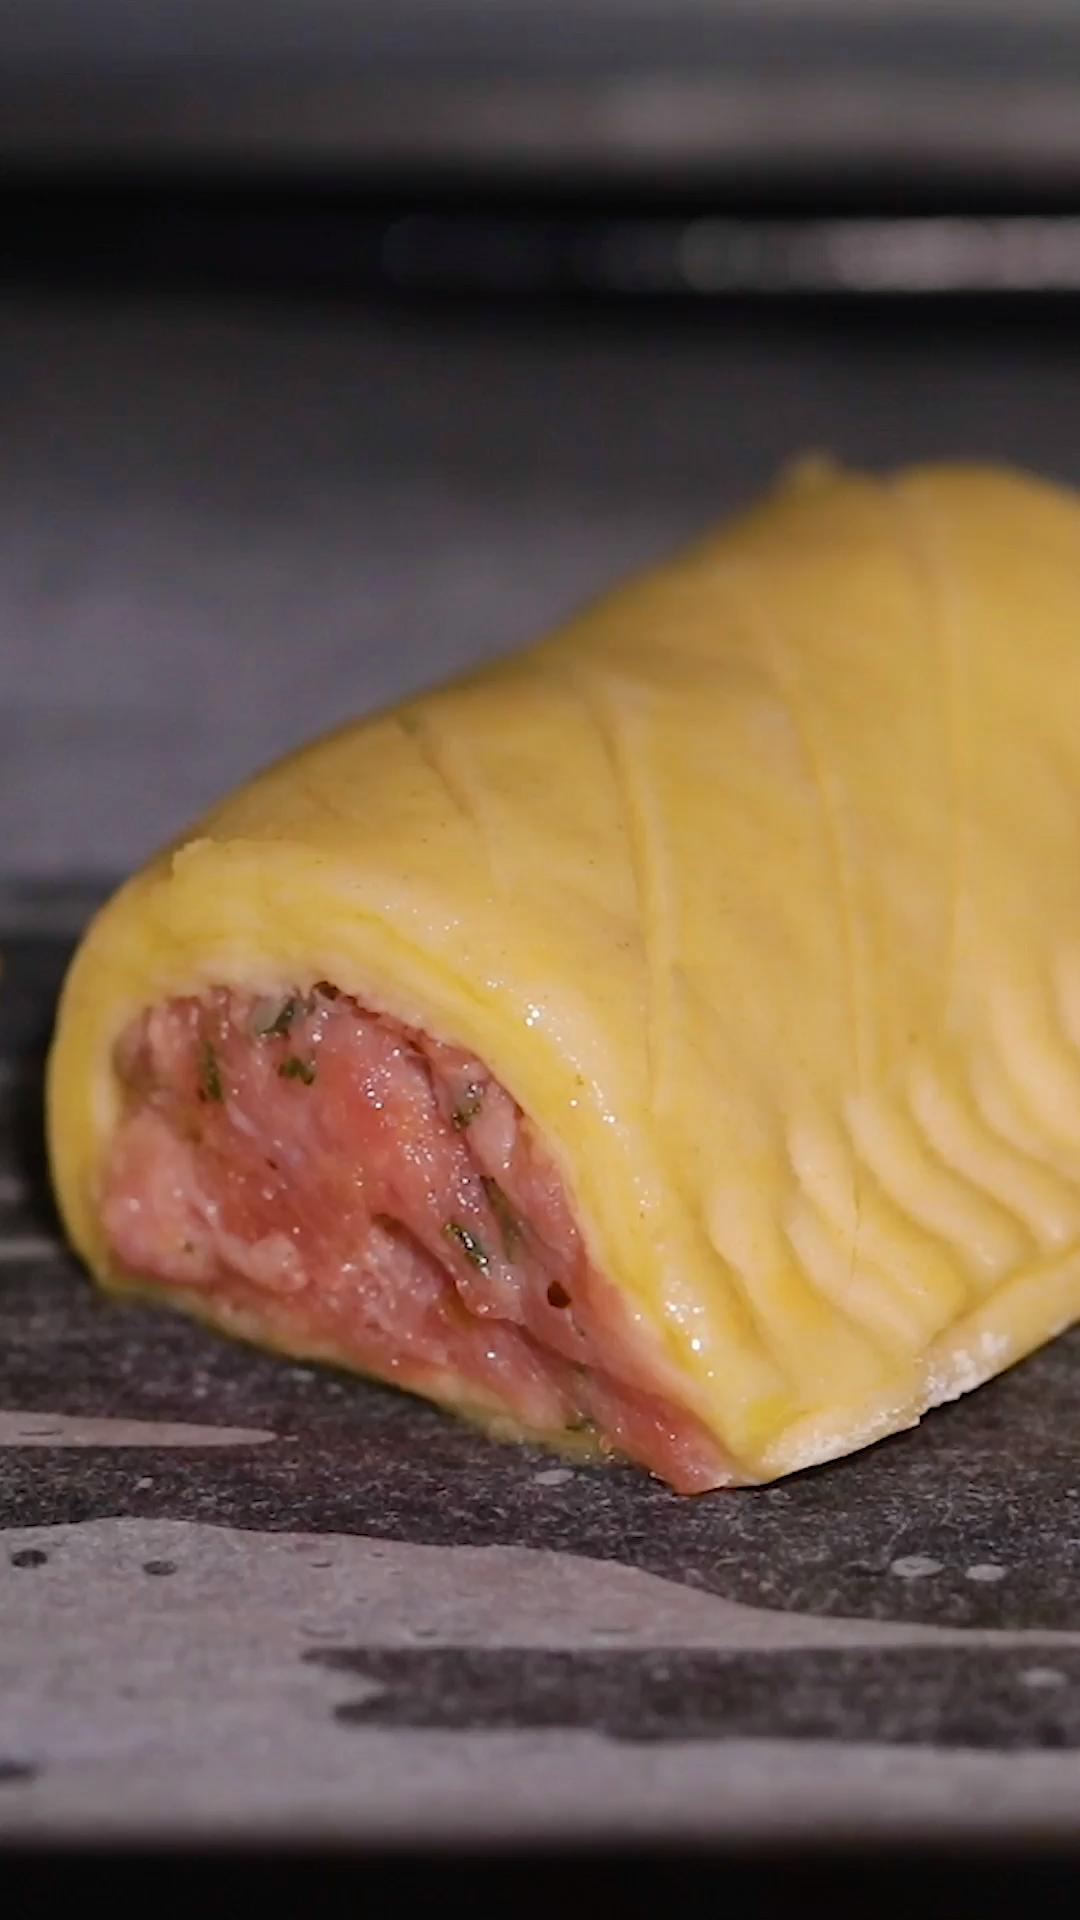 Marre des friands jambon fromage ? Pourquoi ne pas donner leur chance à ces friands aux saucisses. Si tu recherches une recette de friands originale, celle-ci va beaucoup te plaire. Pourquoi ? Parce que non seulement on t'apprend à réaliser une pâte feuilletée facile des plus gourmandes, mais on va également te montrer comment tirer le meilleur de cette recette simple et rapide.